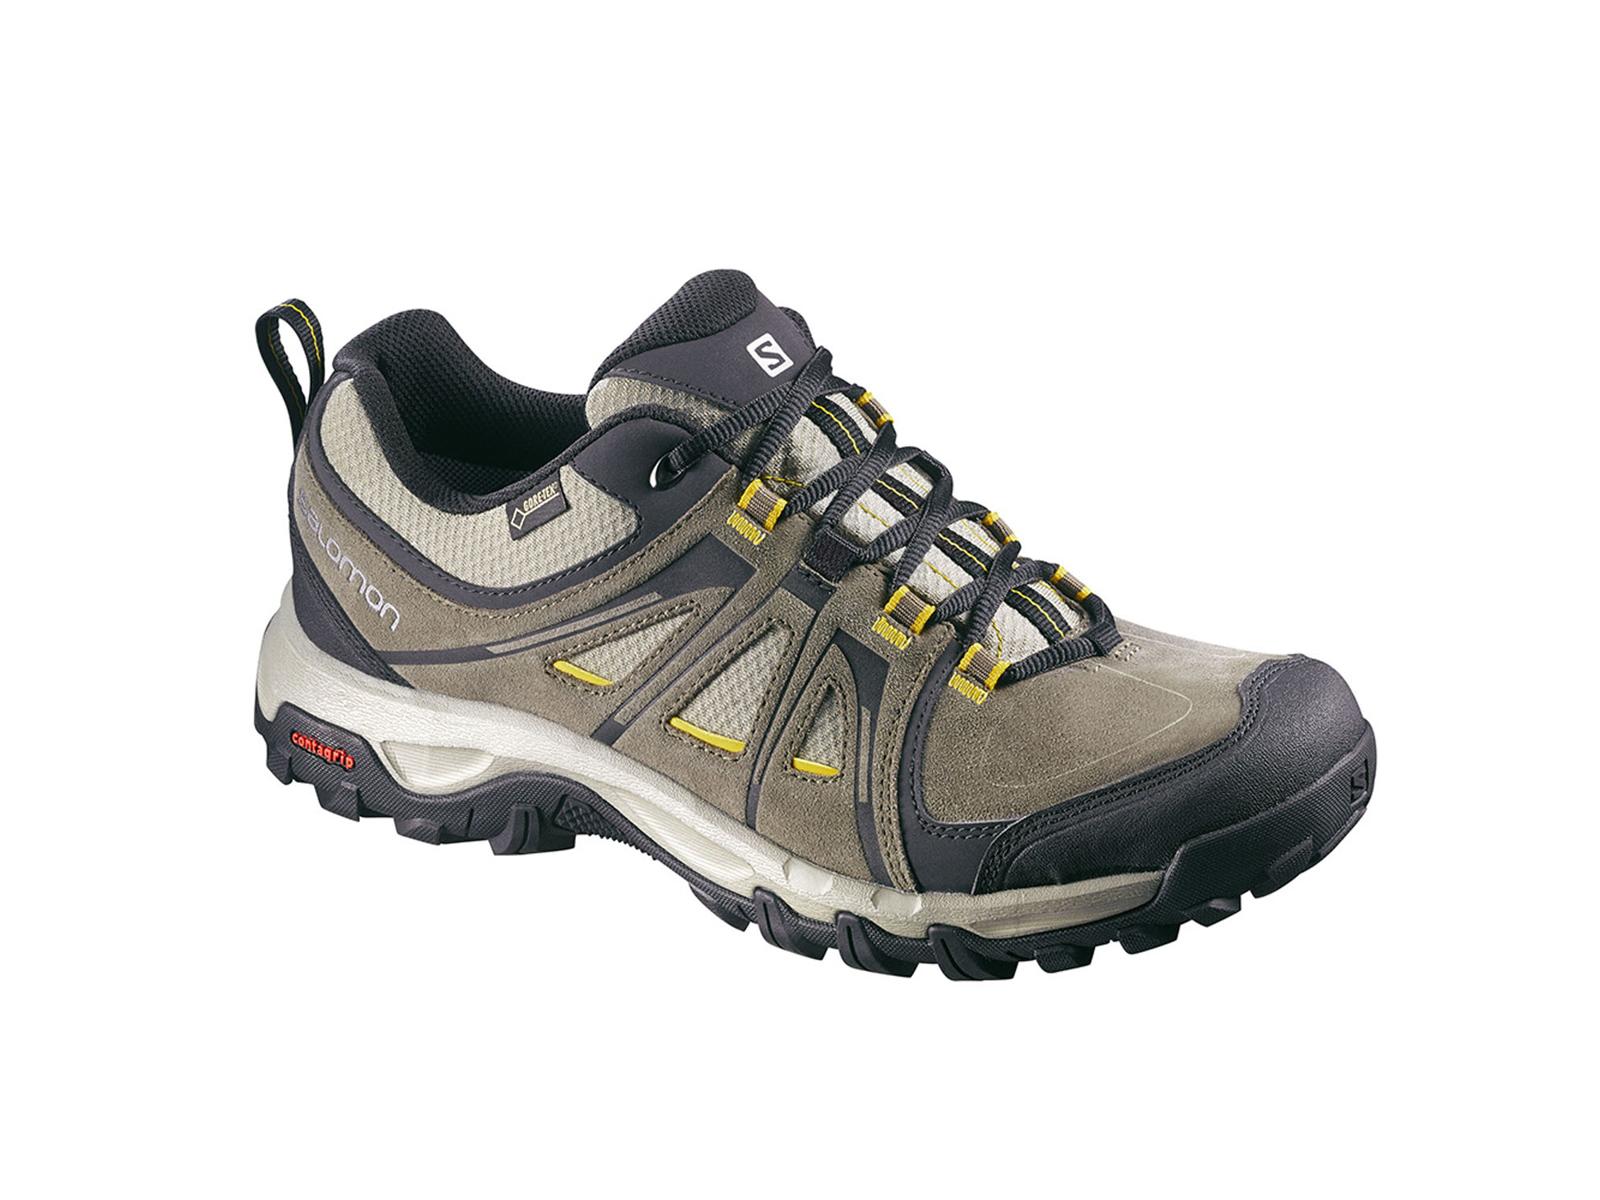 Vandtætte sko